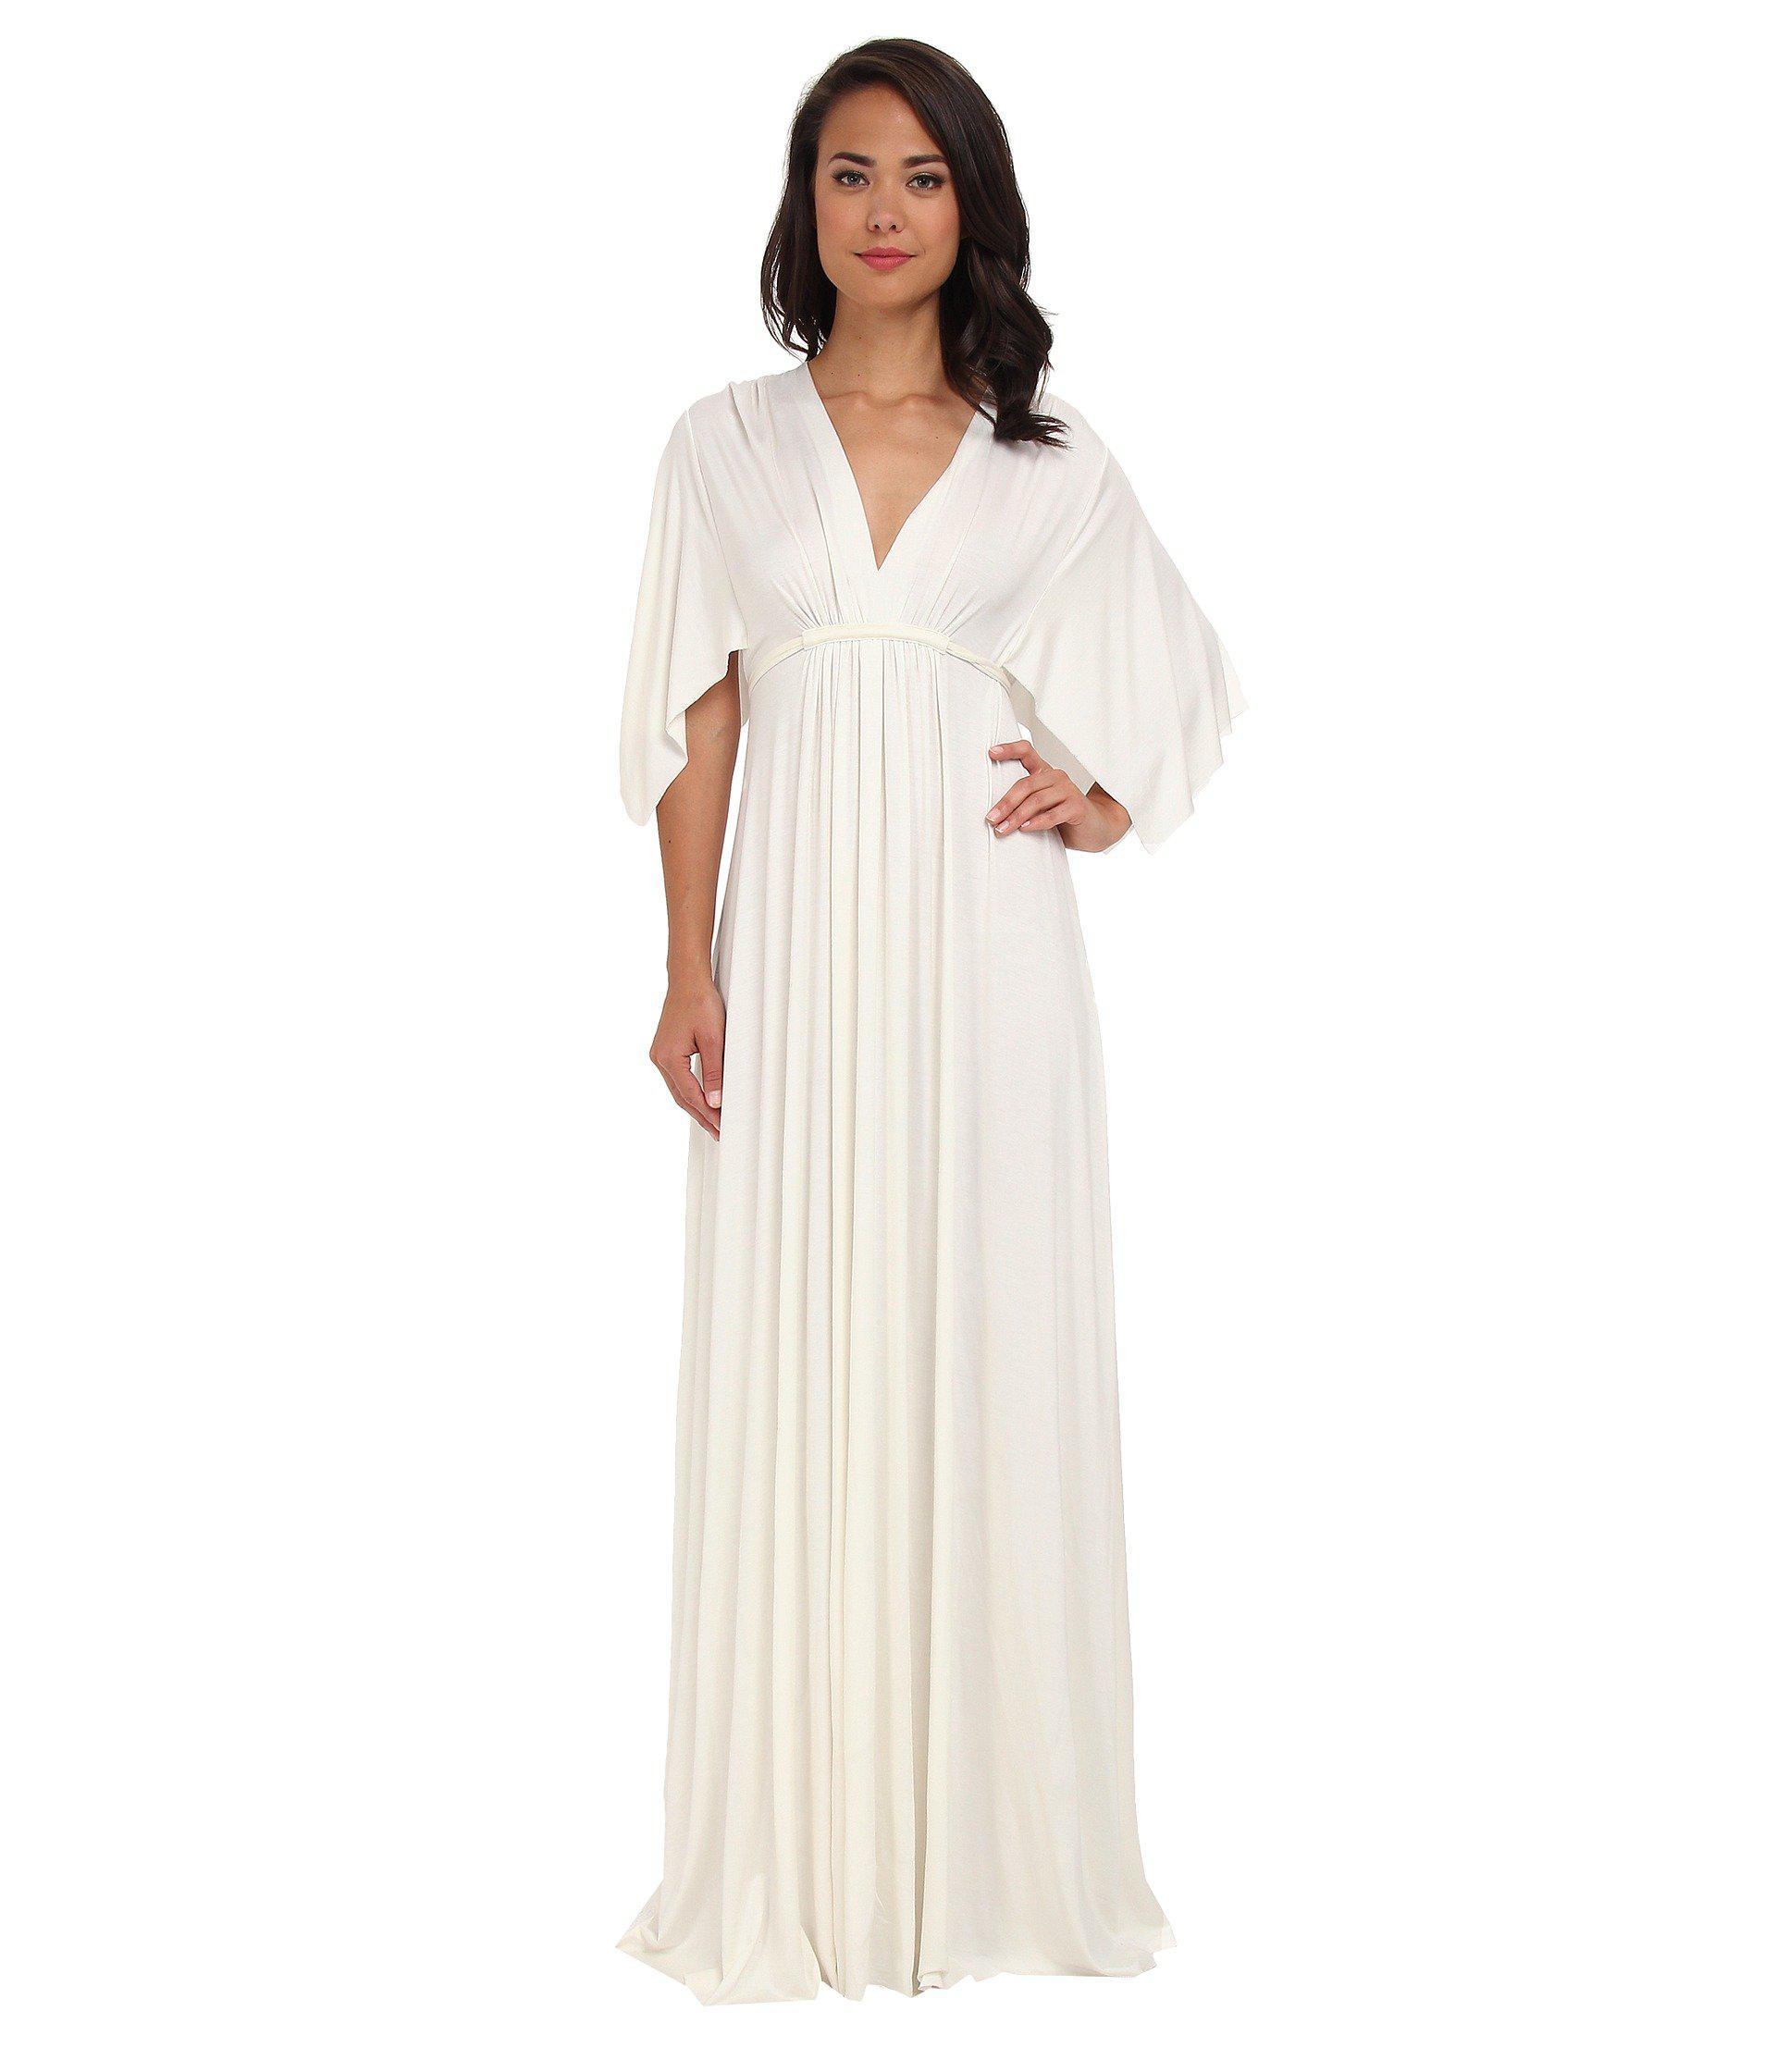 3f5ec3a6bc Lyst - Rachel Pally Long Caftan Dress (white) Women s Dress in White